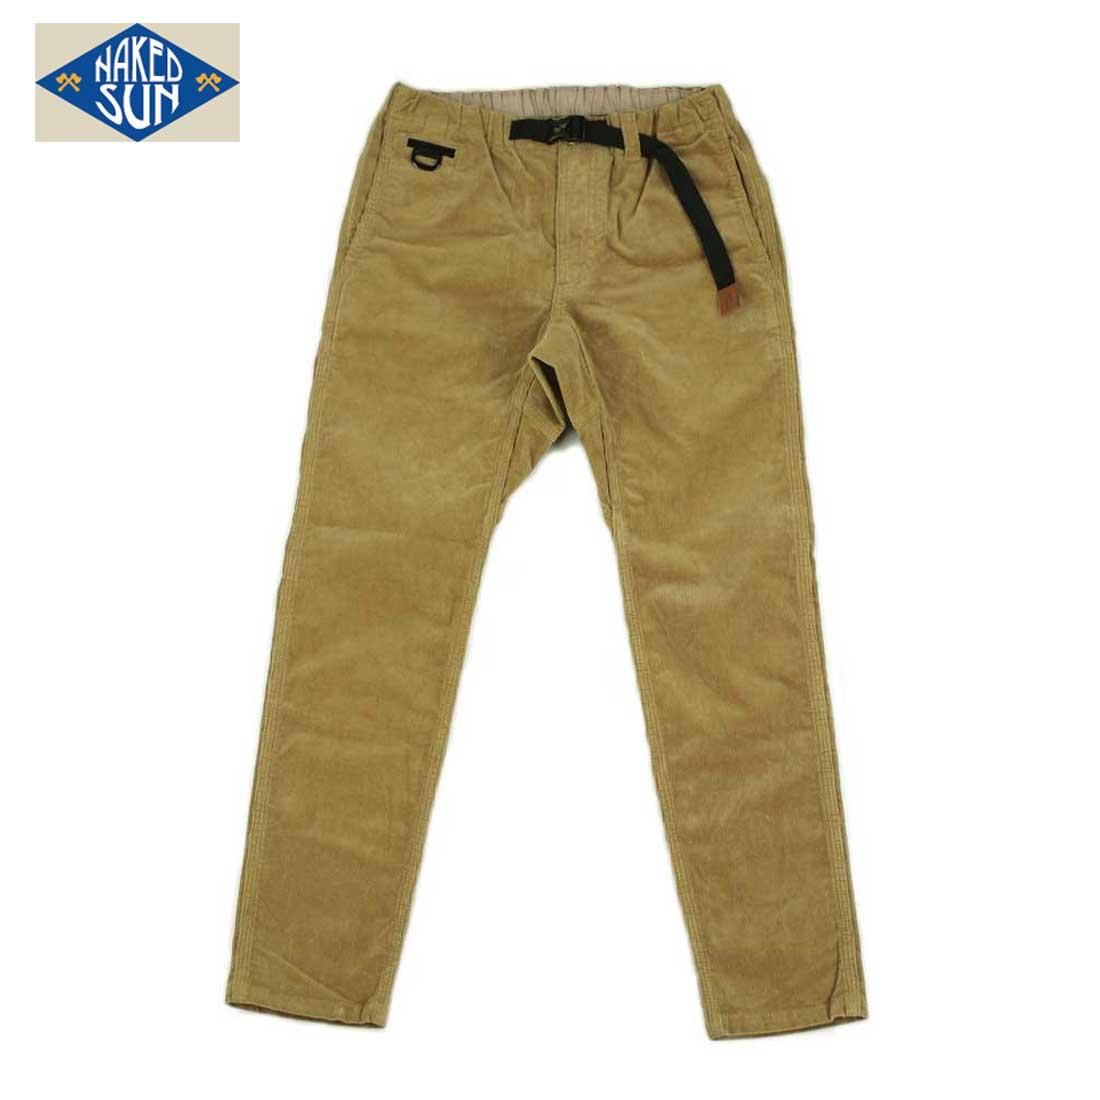 NAKED SUN ネイキッドサン FLEXIBLE EDGED PANTS (CORDUROY COYOTE) 017007006